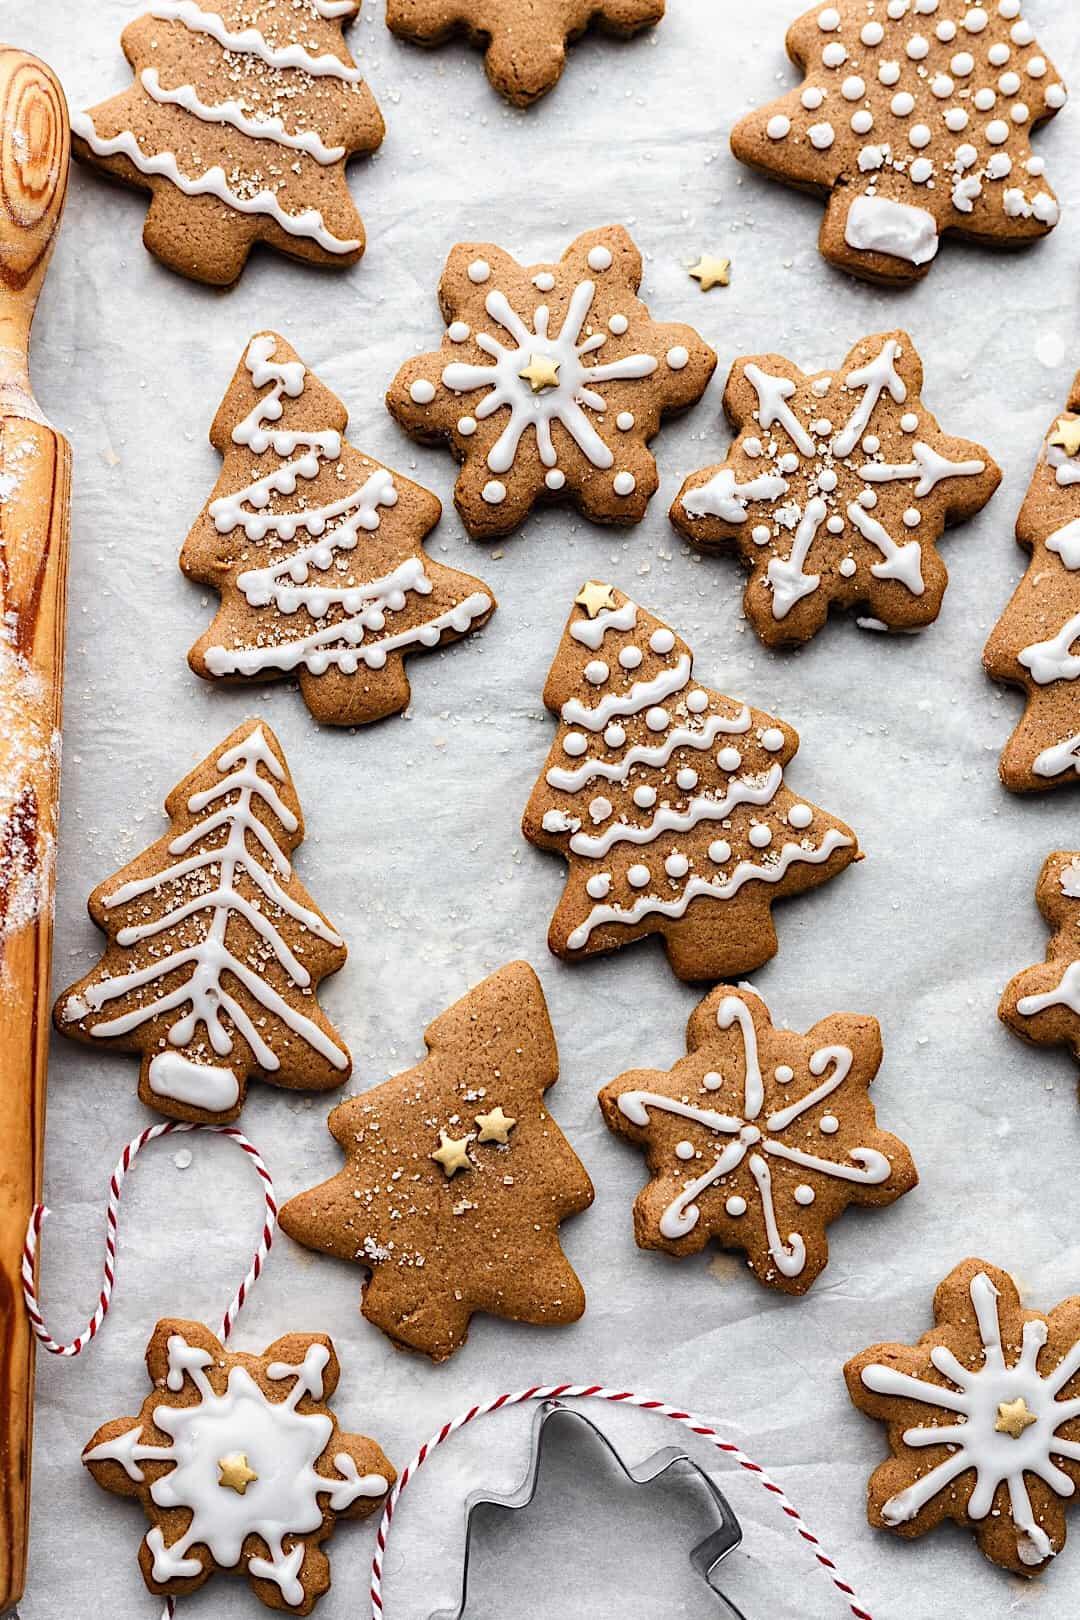 Vegan Iced Gingerbread Cookies #vegan #recipe #gingerbread #christmas #cookies #biscuit